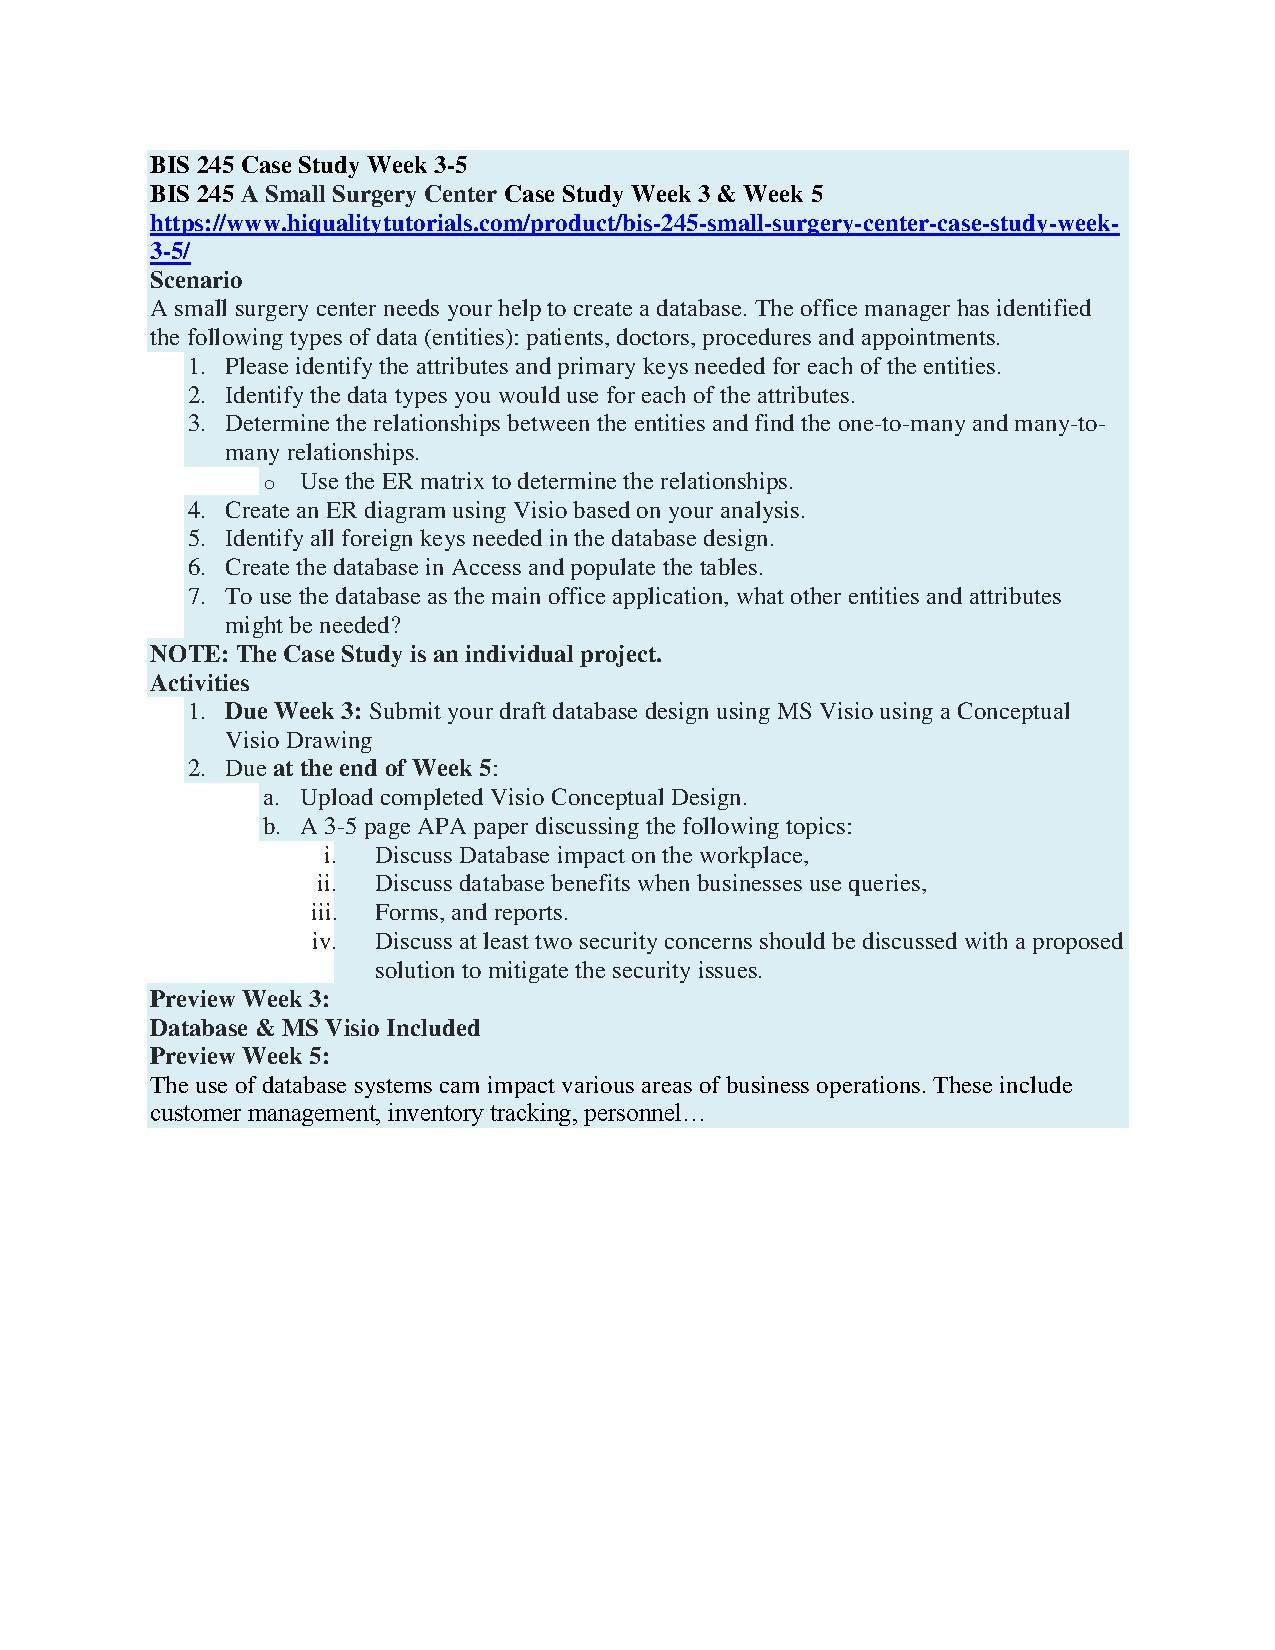 BIS 245 Small Surgery Center Case Study Week 35 Surgery